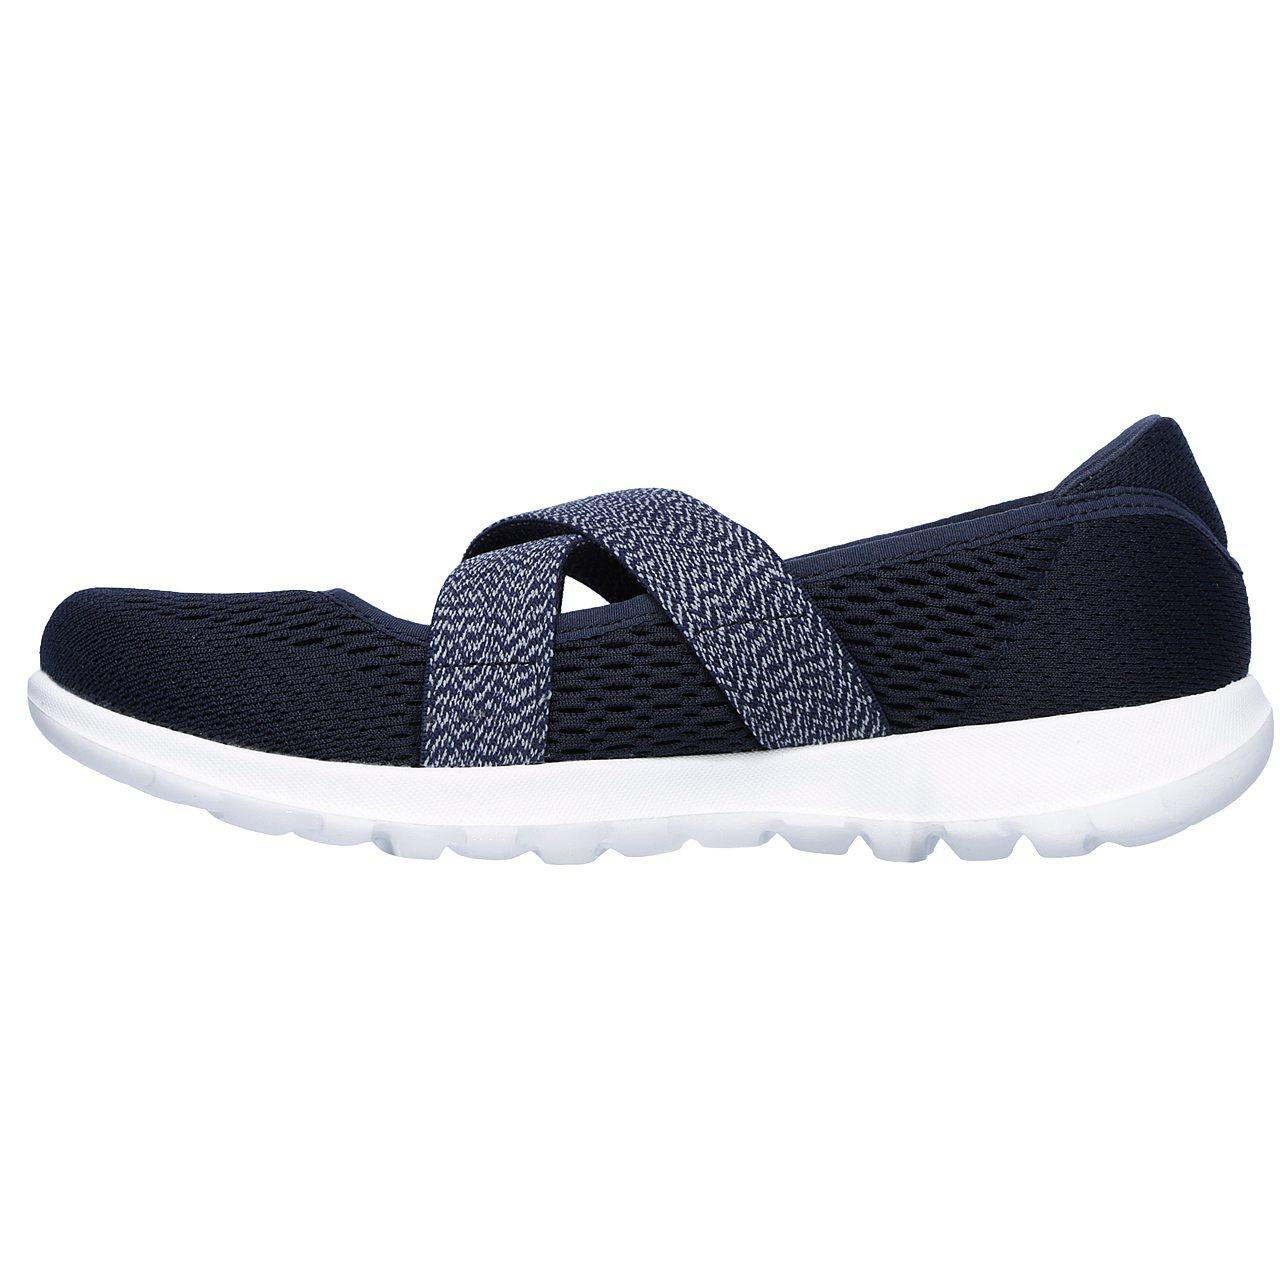 کفش مخصوص پیاده روی زنانه اسکچرز مدل  MIRACLE 15407 NVW